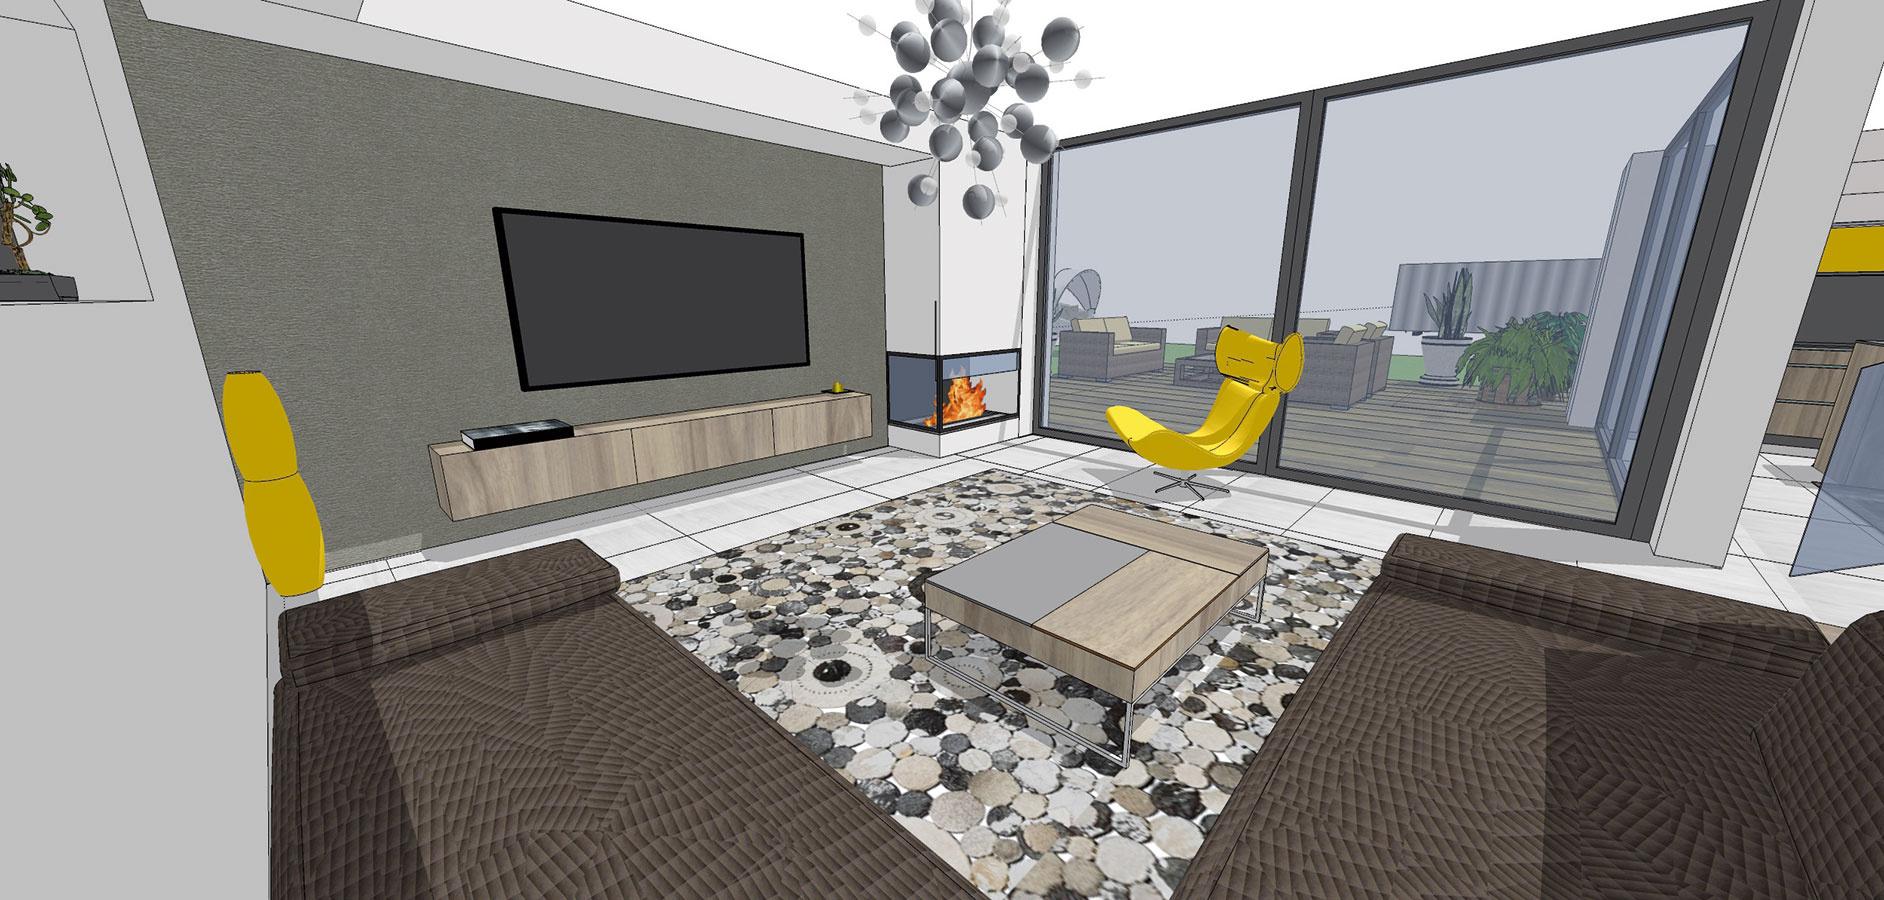 Použitím kontrastnej farby vnesiete do obývacej miestnosti trochu dynamiky inapätia. Zopakovať ju pokojne môžete aj na viacerých prvkoch, napríklad na kresielku asvietidle, prípadne na dekoráciách. (študentská práca)